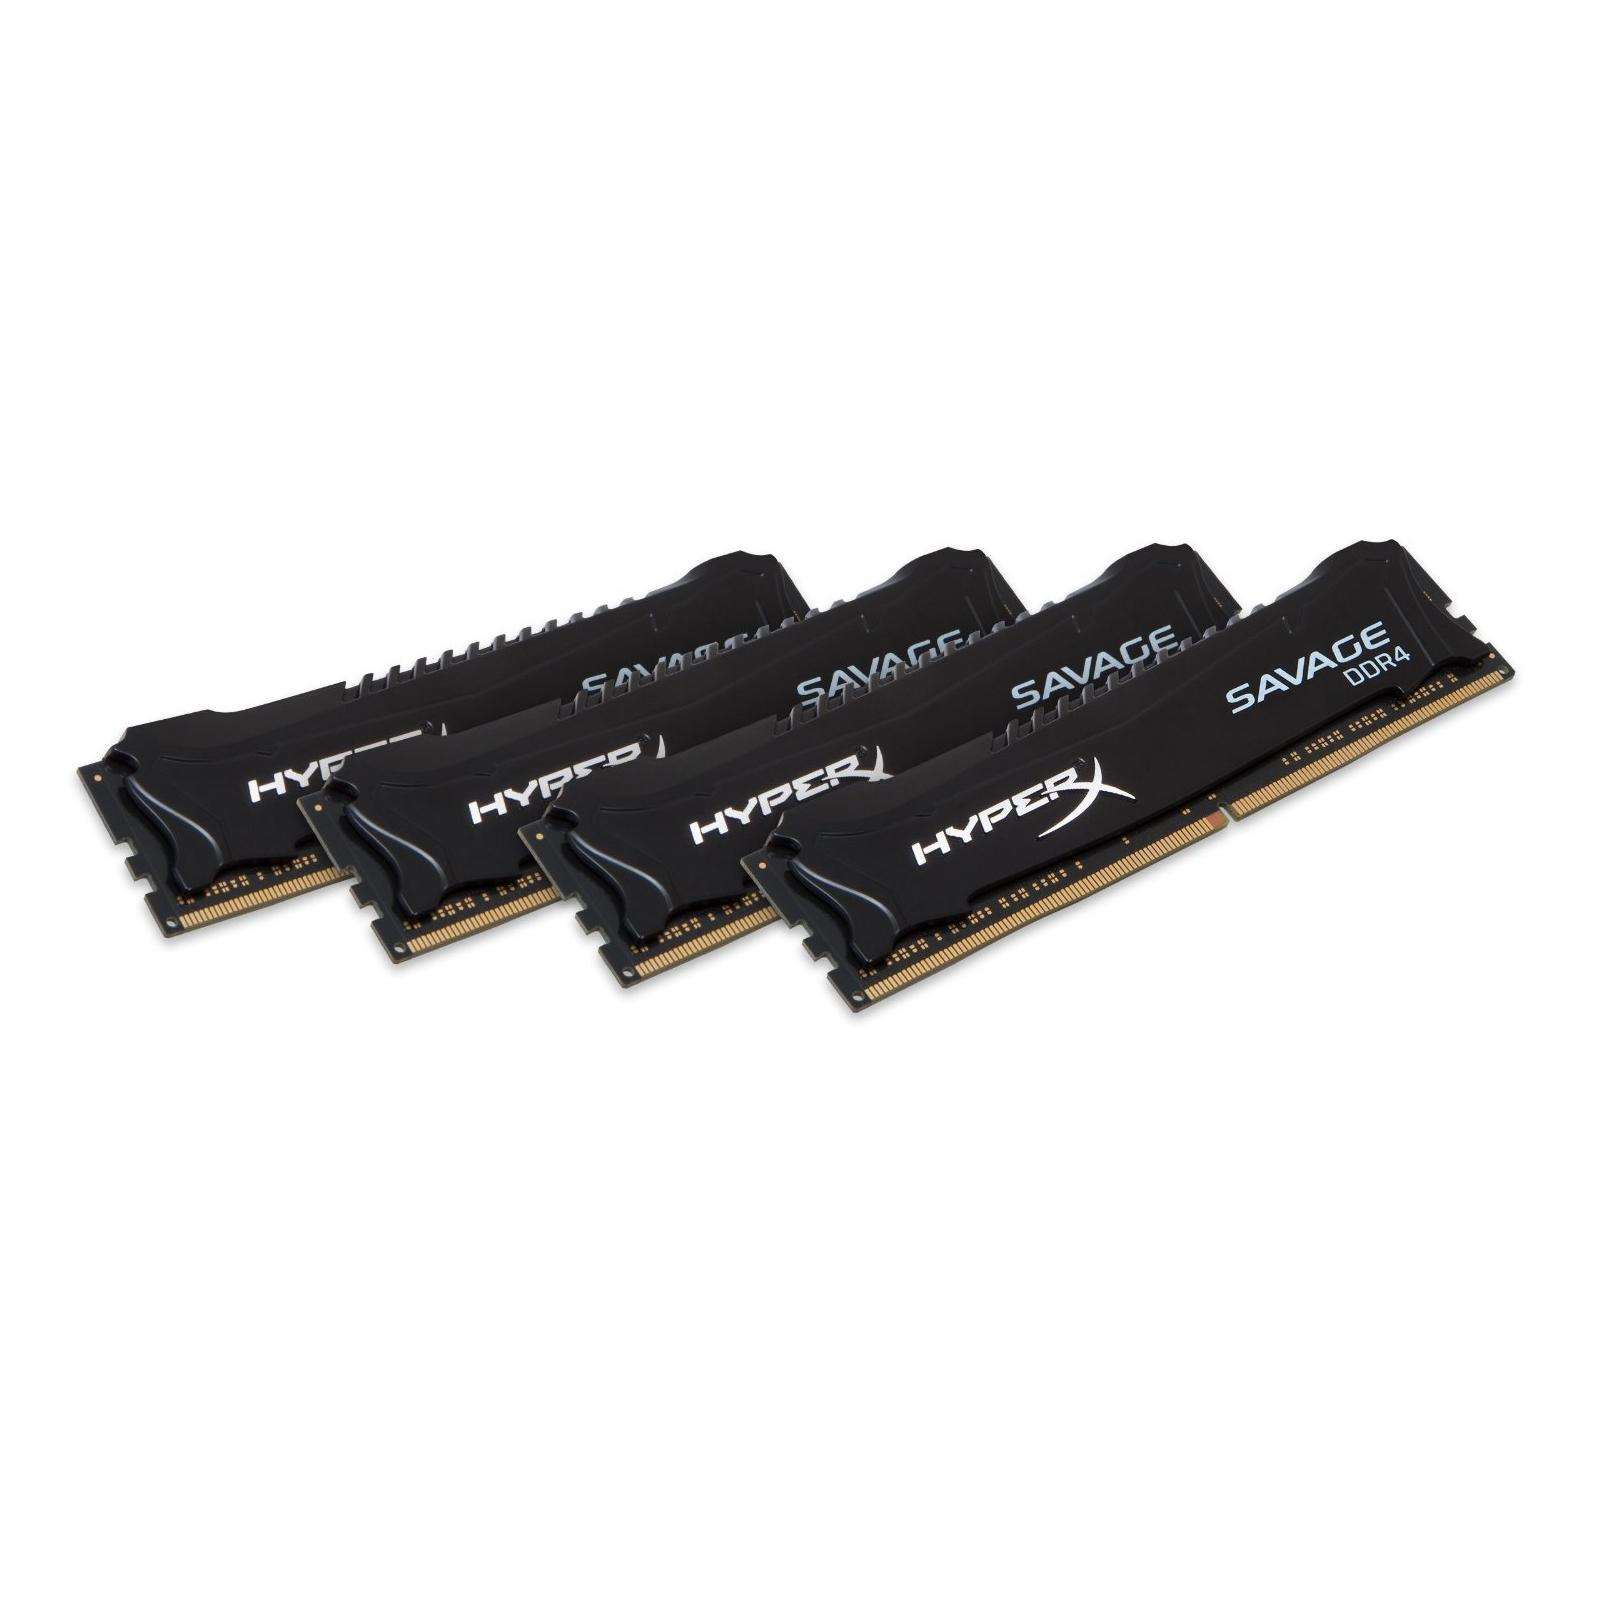 Модуль памяти для компьютера DDR4 32GB (4x8GB) 3000 MHz Savage Blak Kingston (HX430C15SB2K4/32) изображение 2